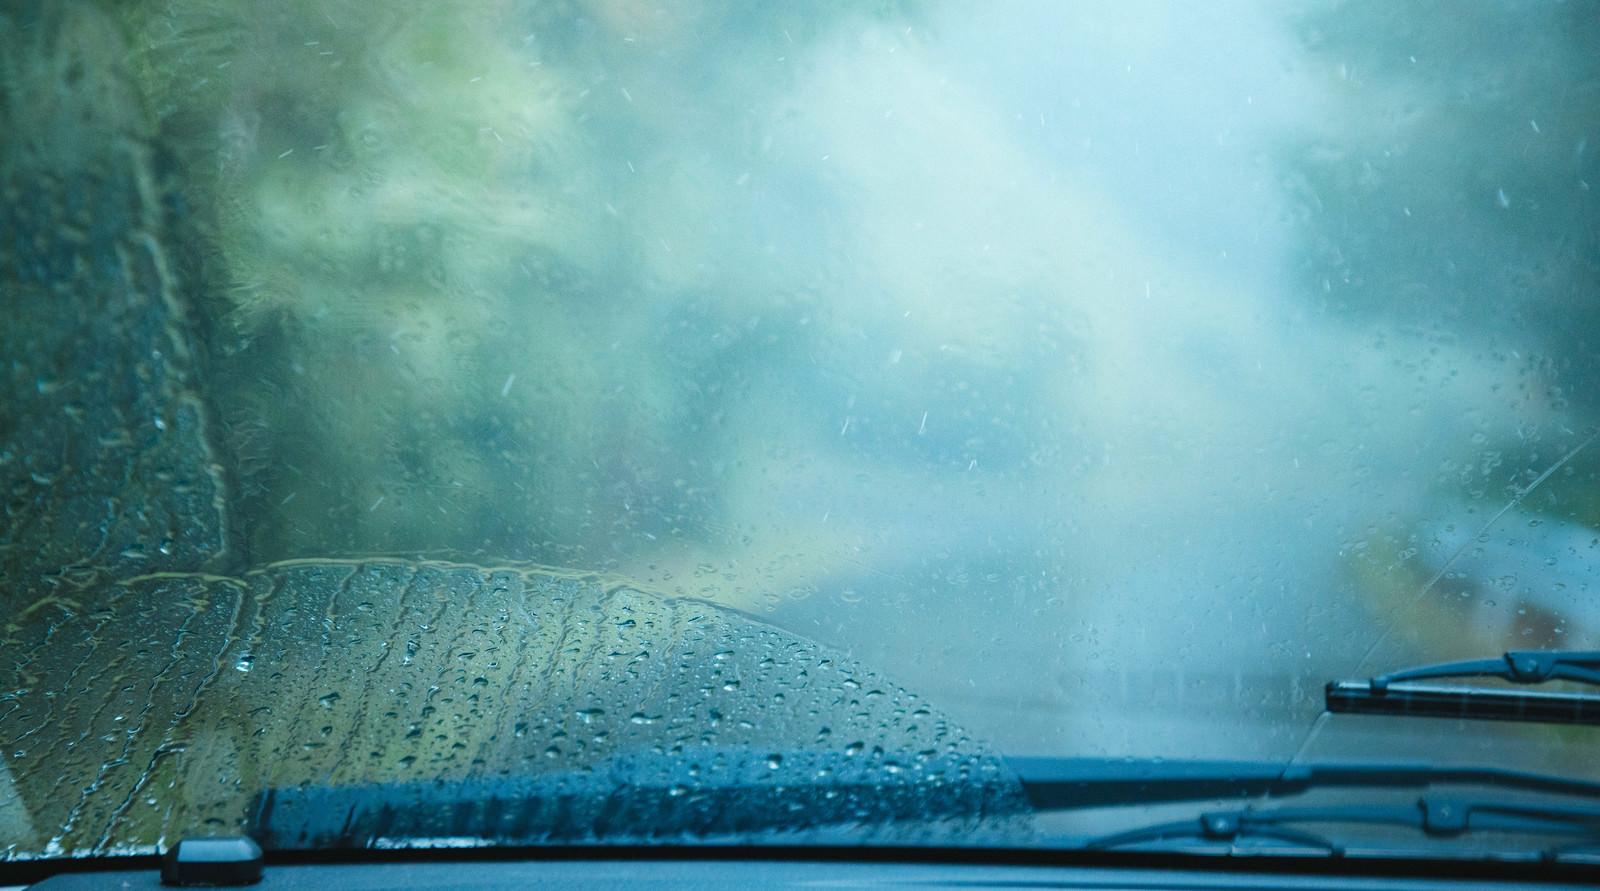 「雨天時の車のフロントガラス雨天時の車のフロントガラス」のフリー写真素材を拡大